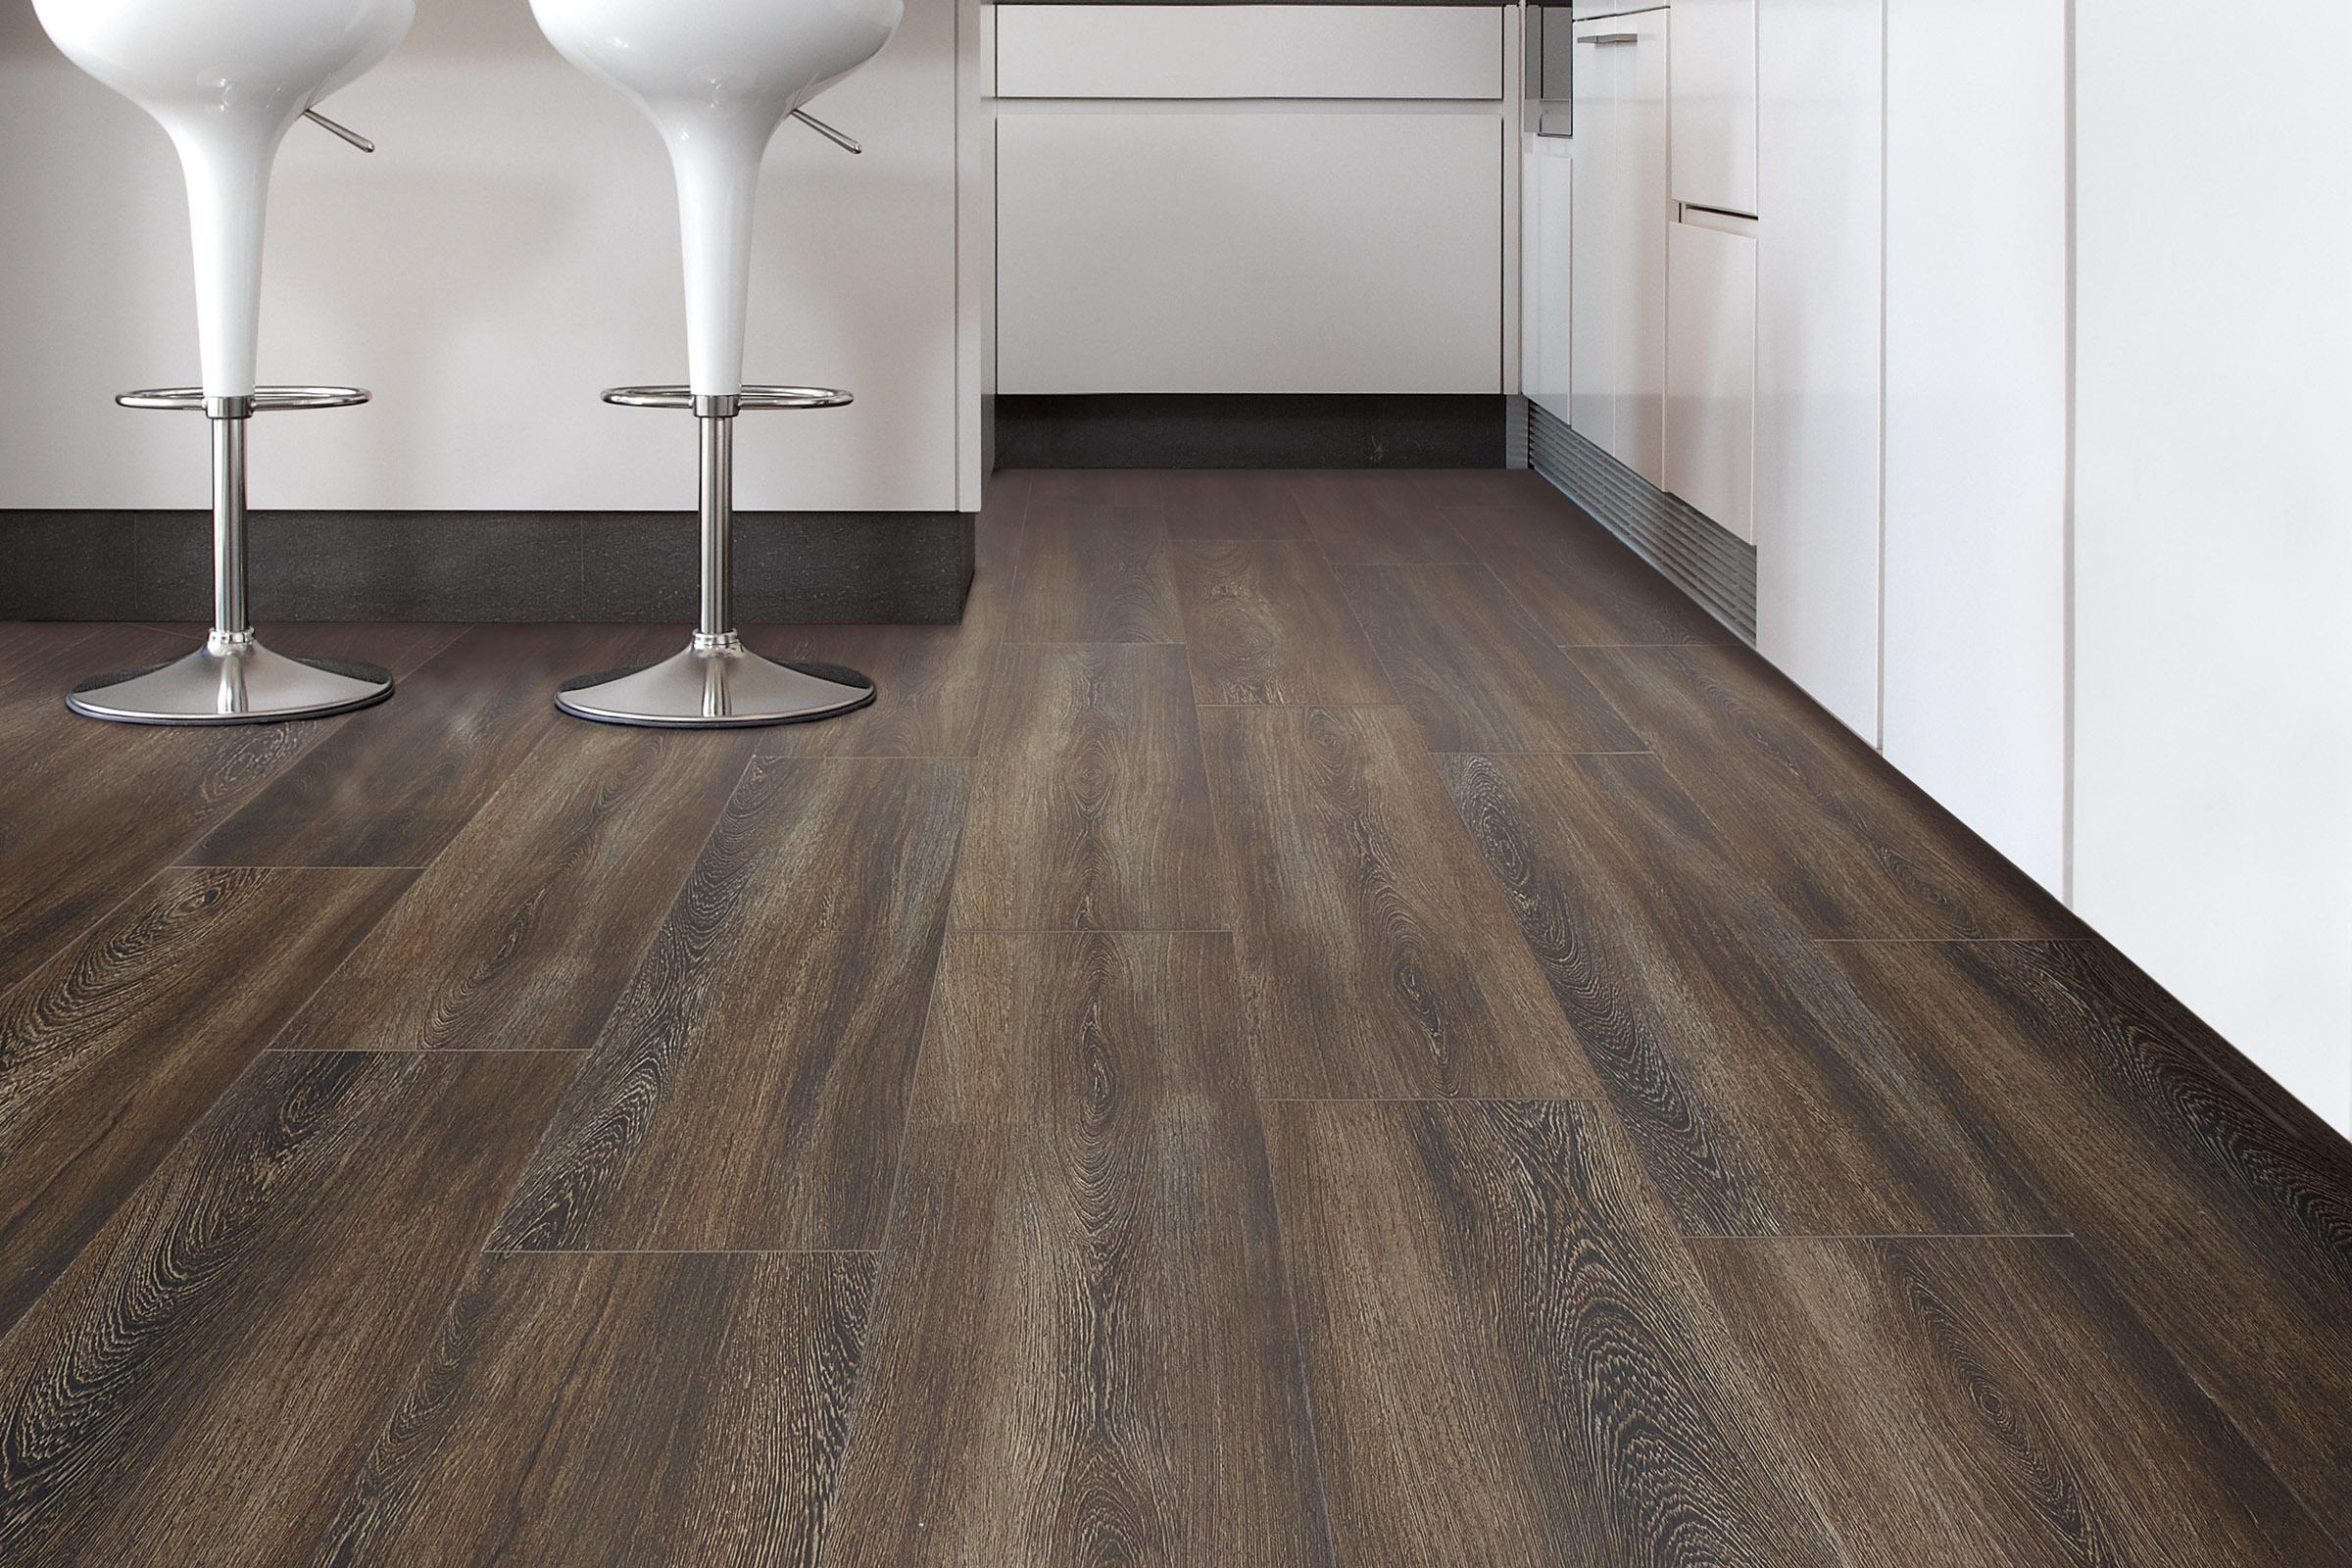 vinyl floors vinyl flooring australia unique on floor intended for planks tiles  melbourne sydney CHMTTRG